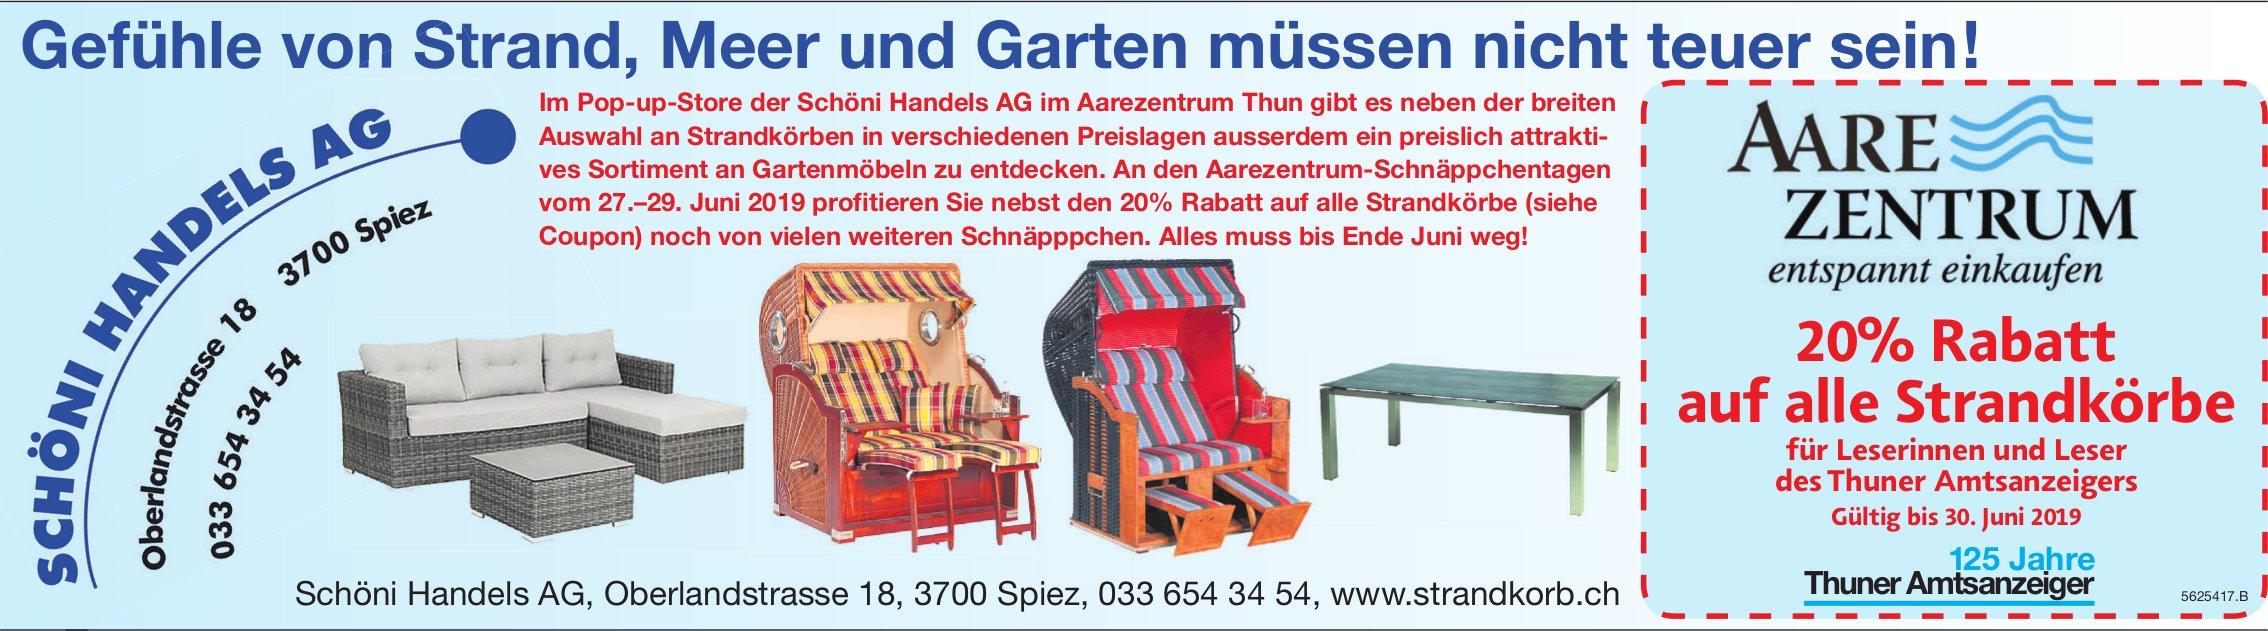 AARE Zentrum, Spiez - Gefühle von Strand, Meer und Garten müssen nicht teuer sein!